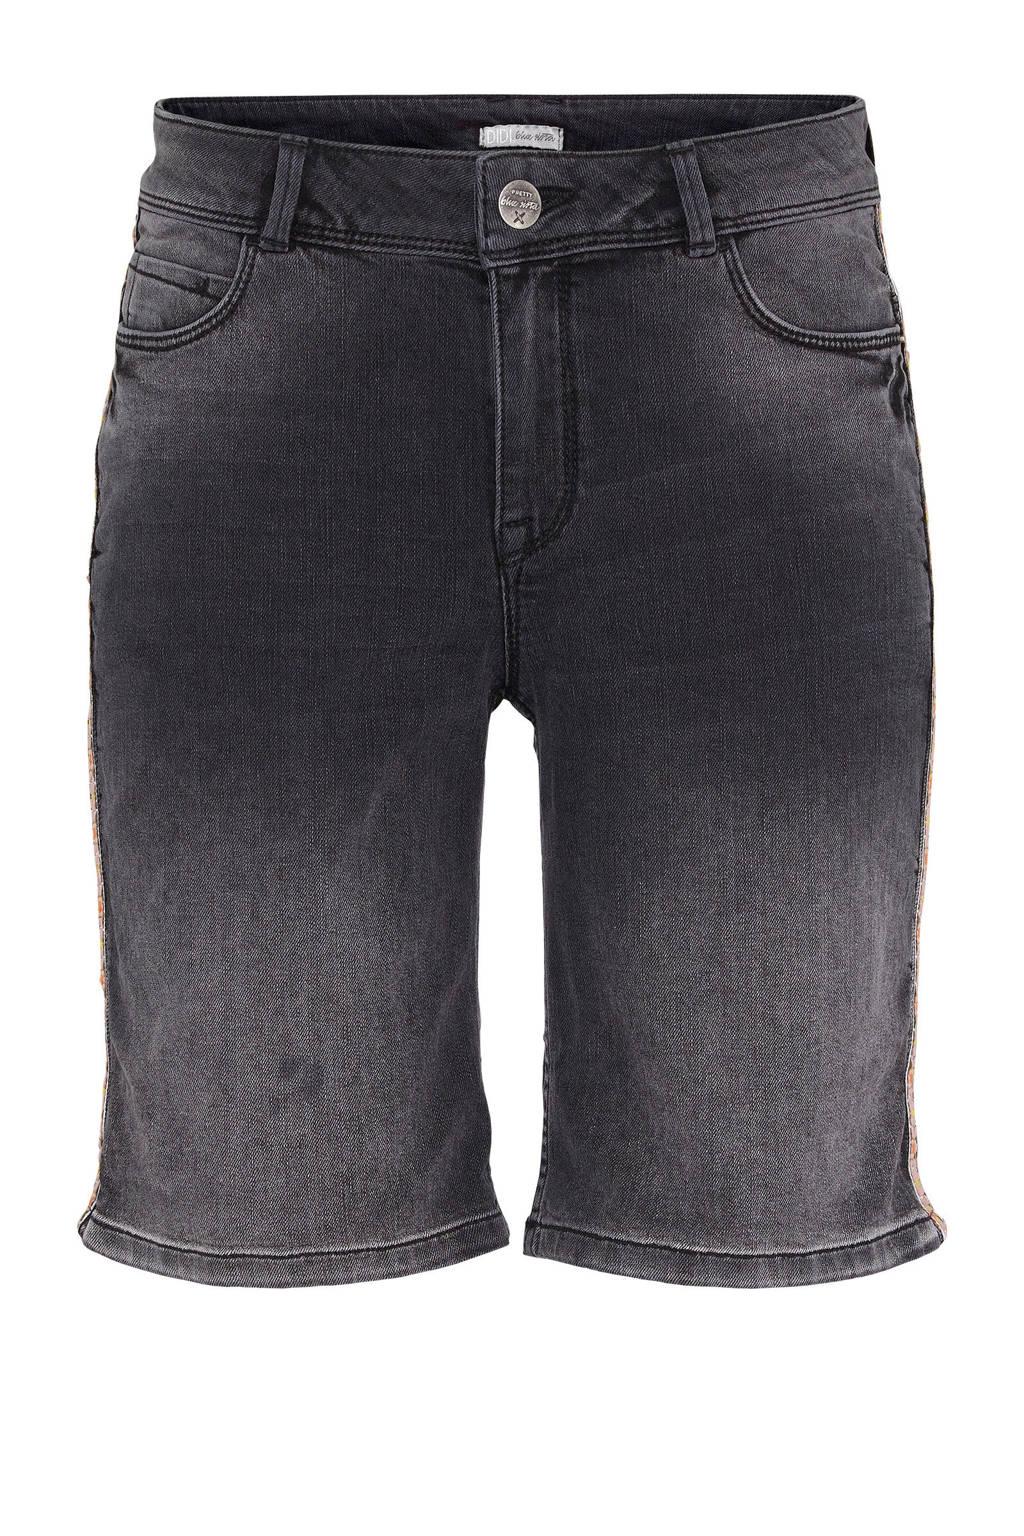 Didi slim fit jeans short met zijstreep, Zwart